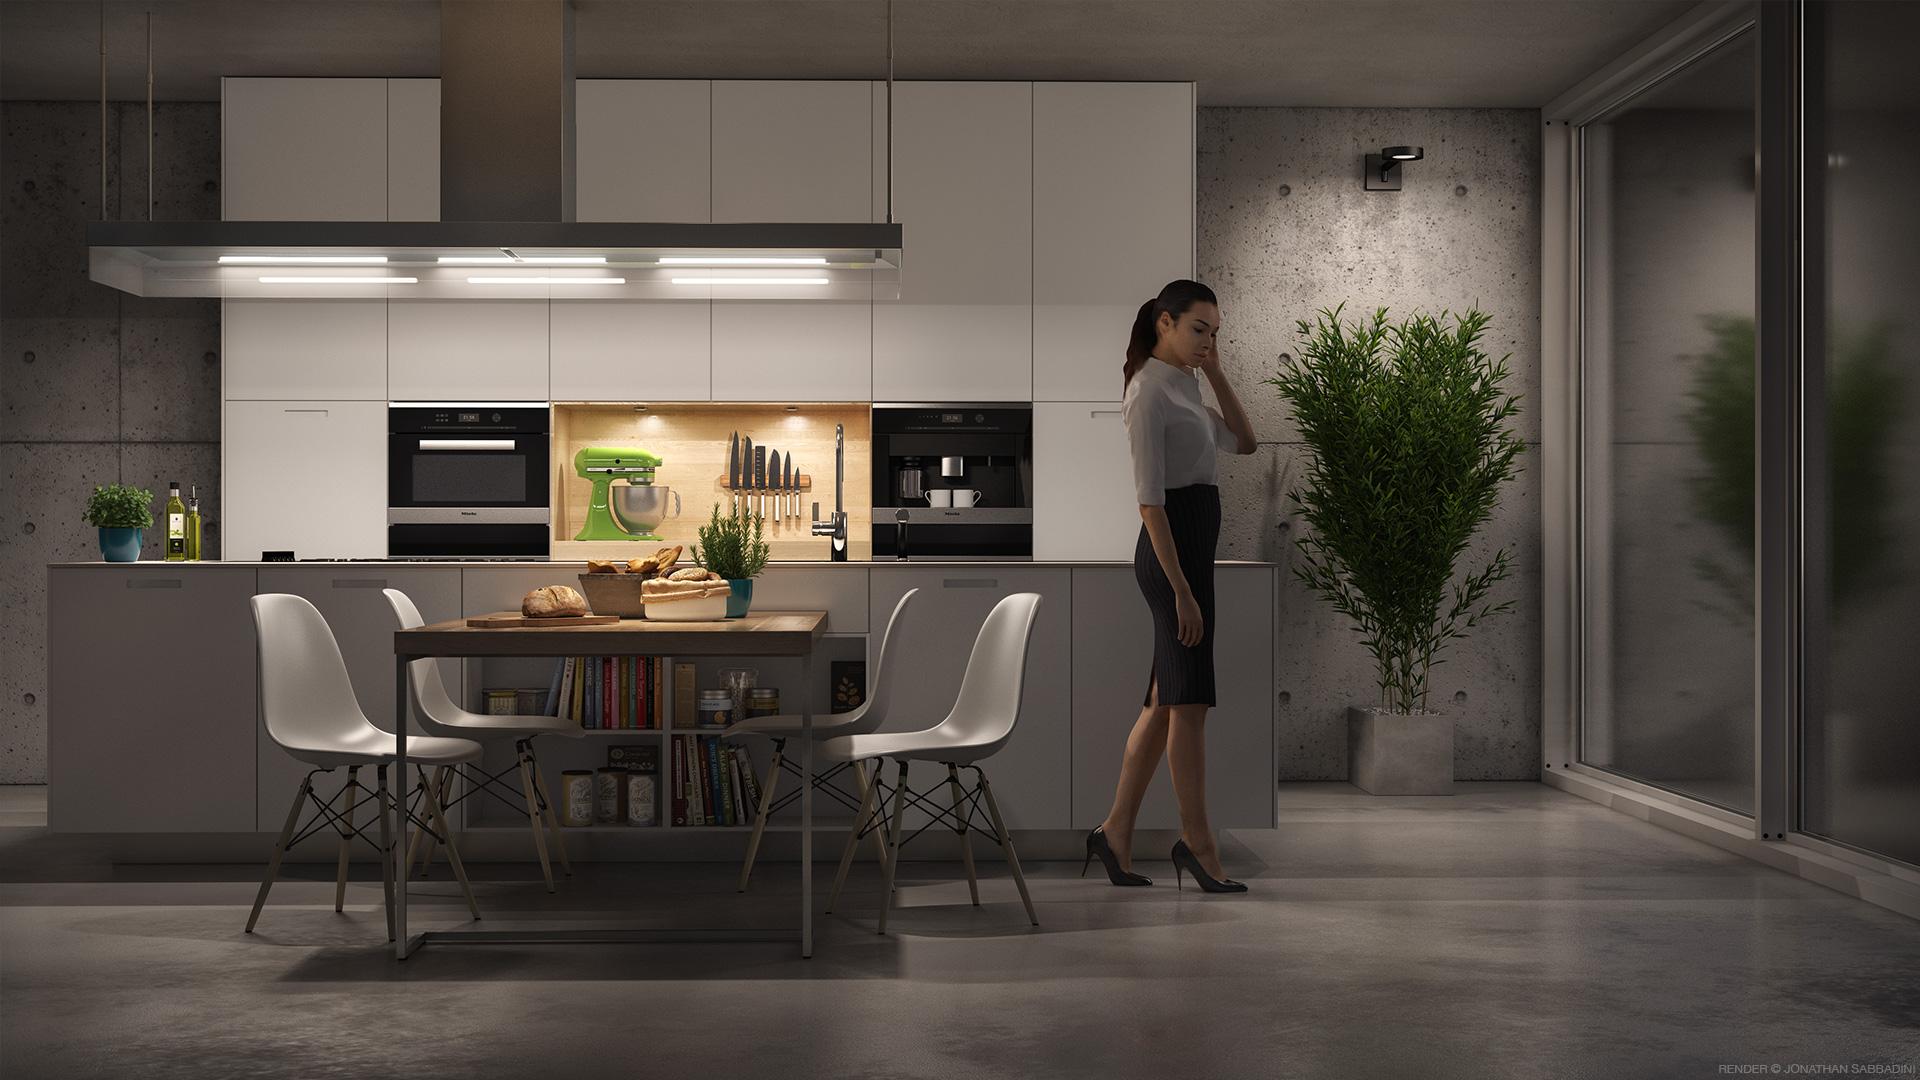 rendering fotorealistico cucina di design, cemento e resina